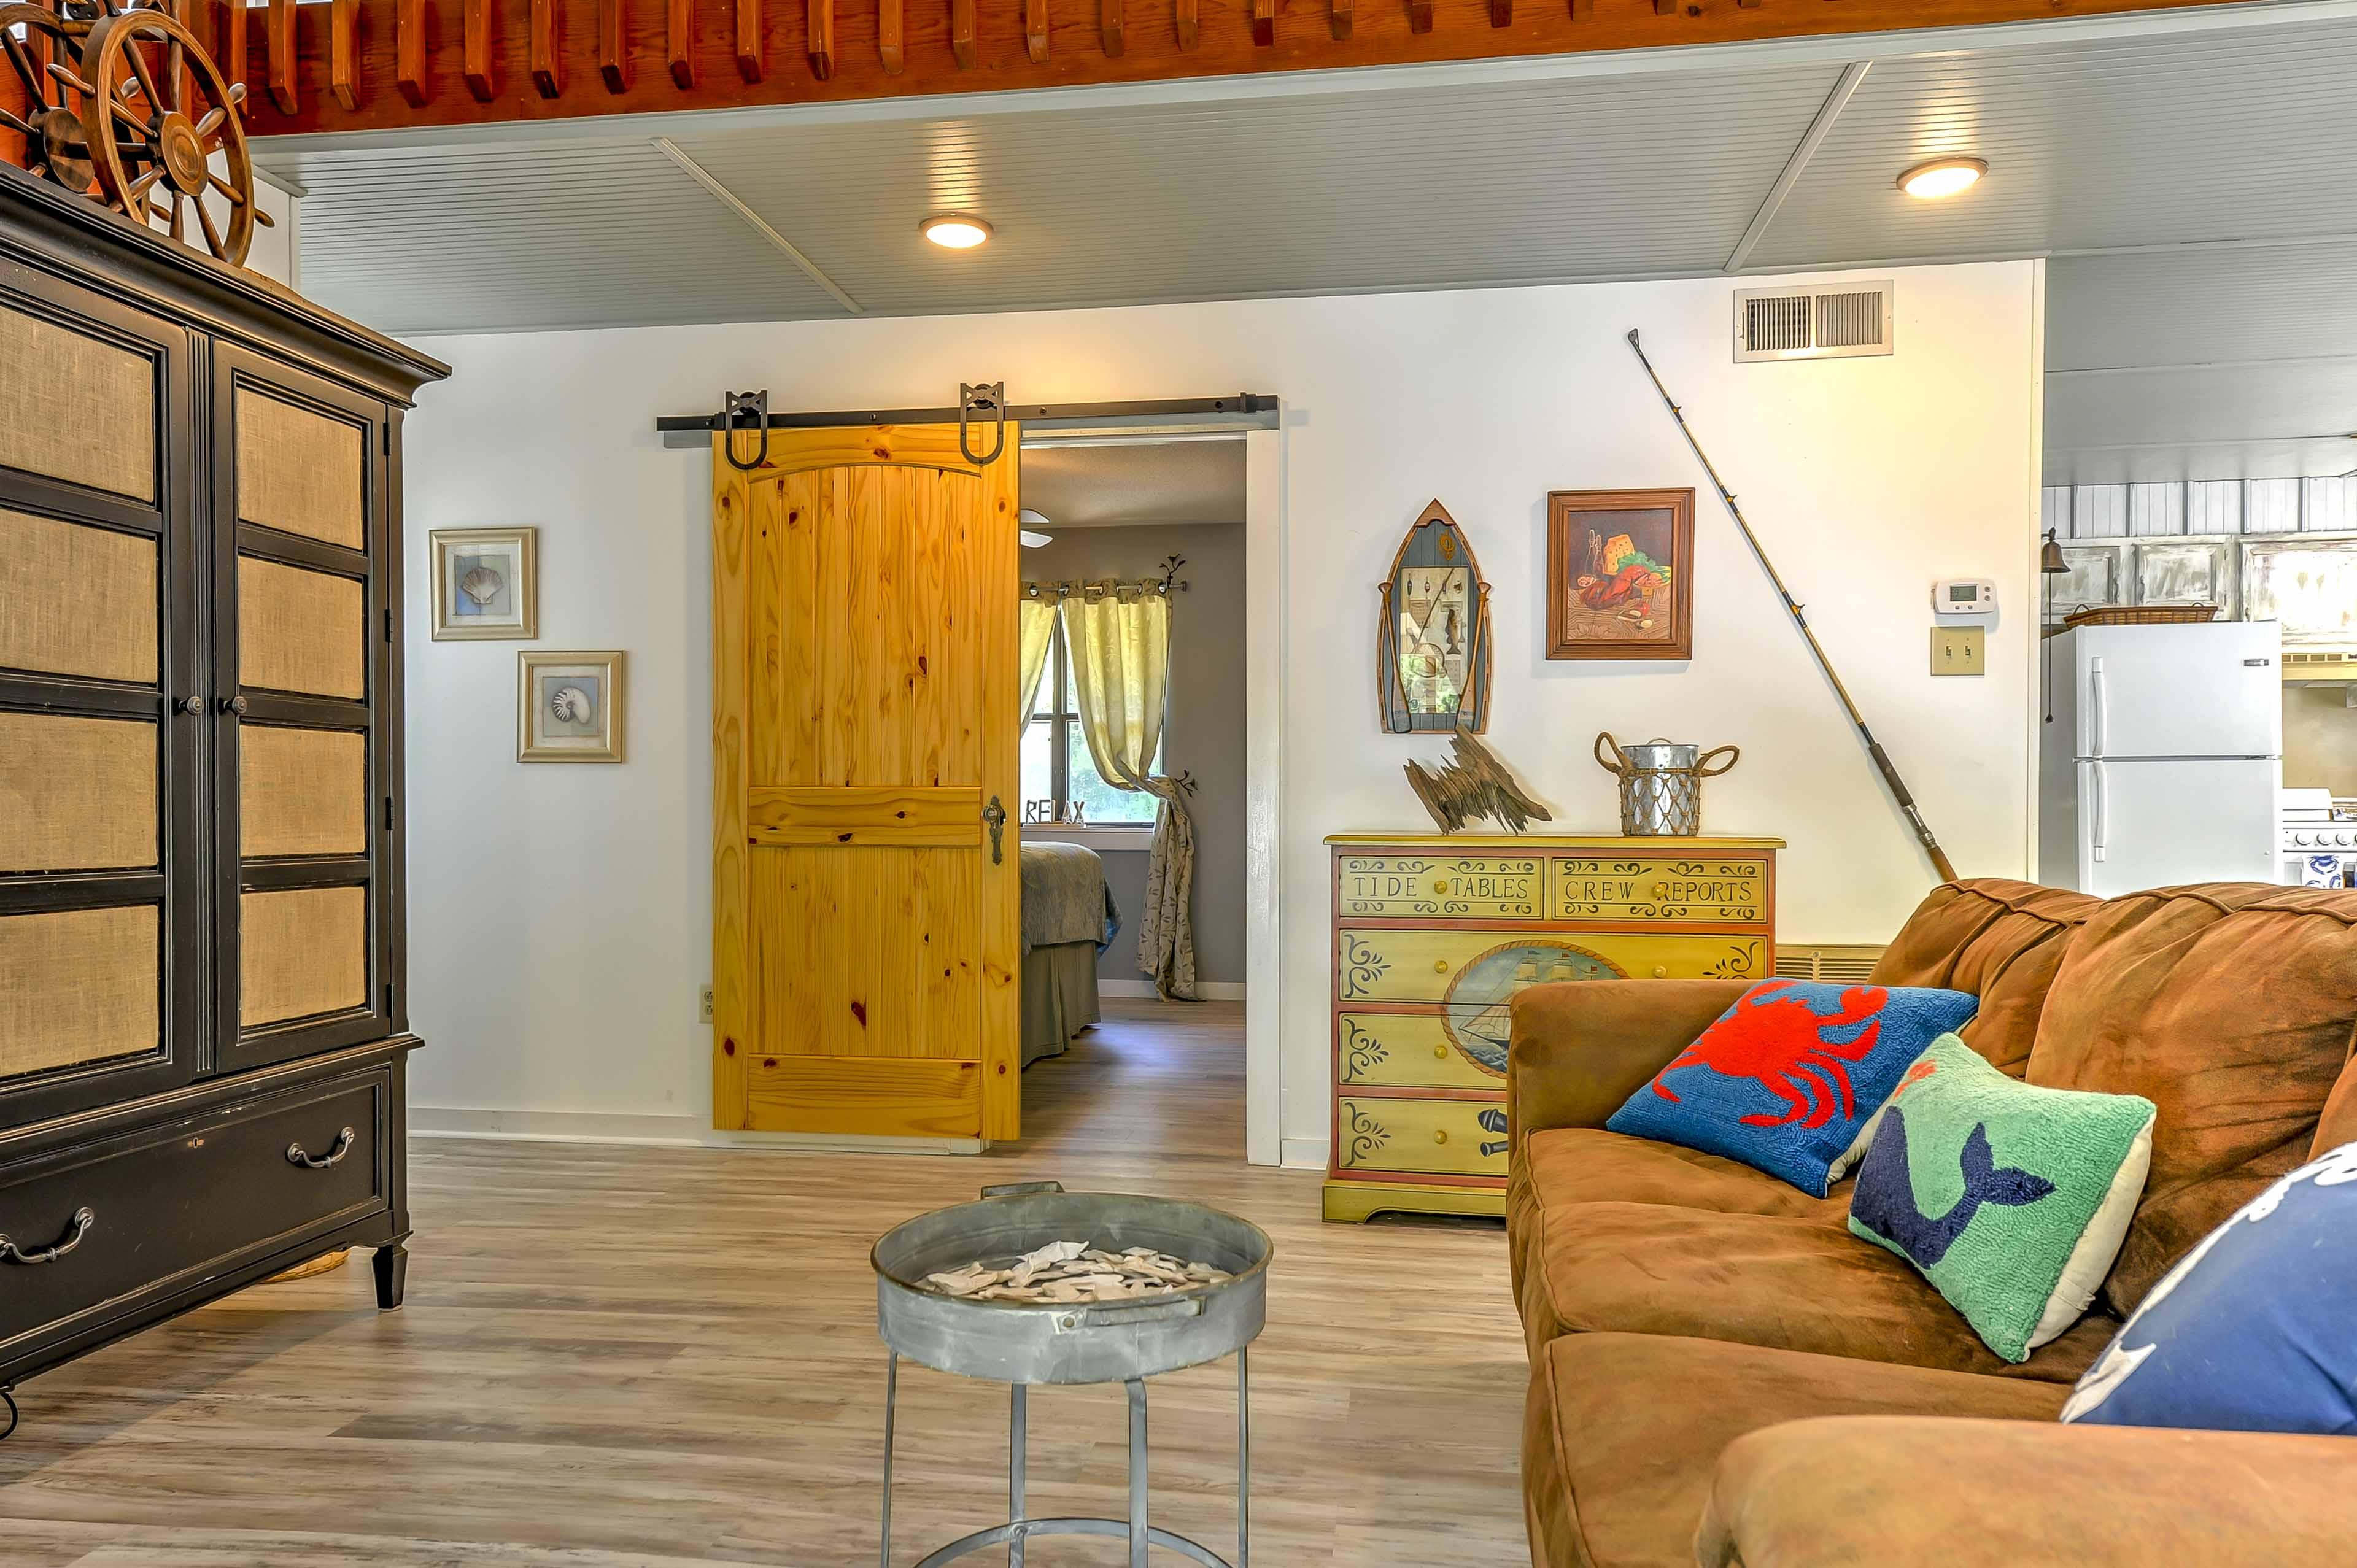 Unique decor creates a warm and inviting ambiance.